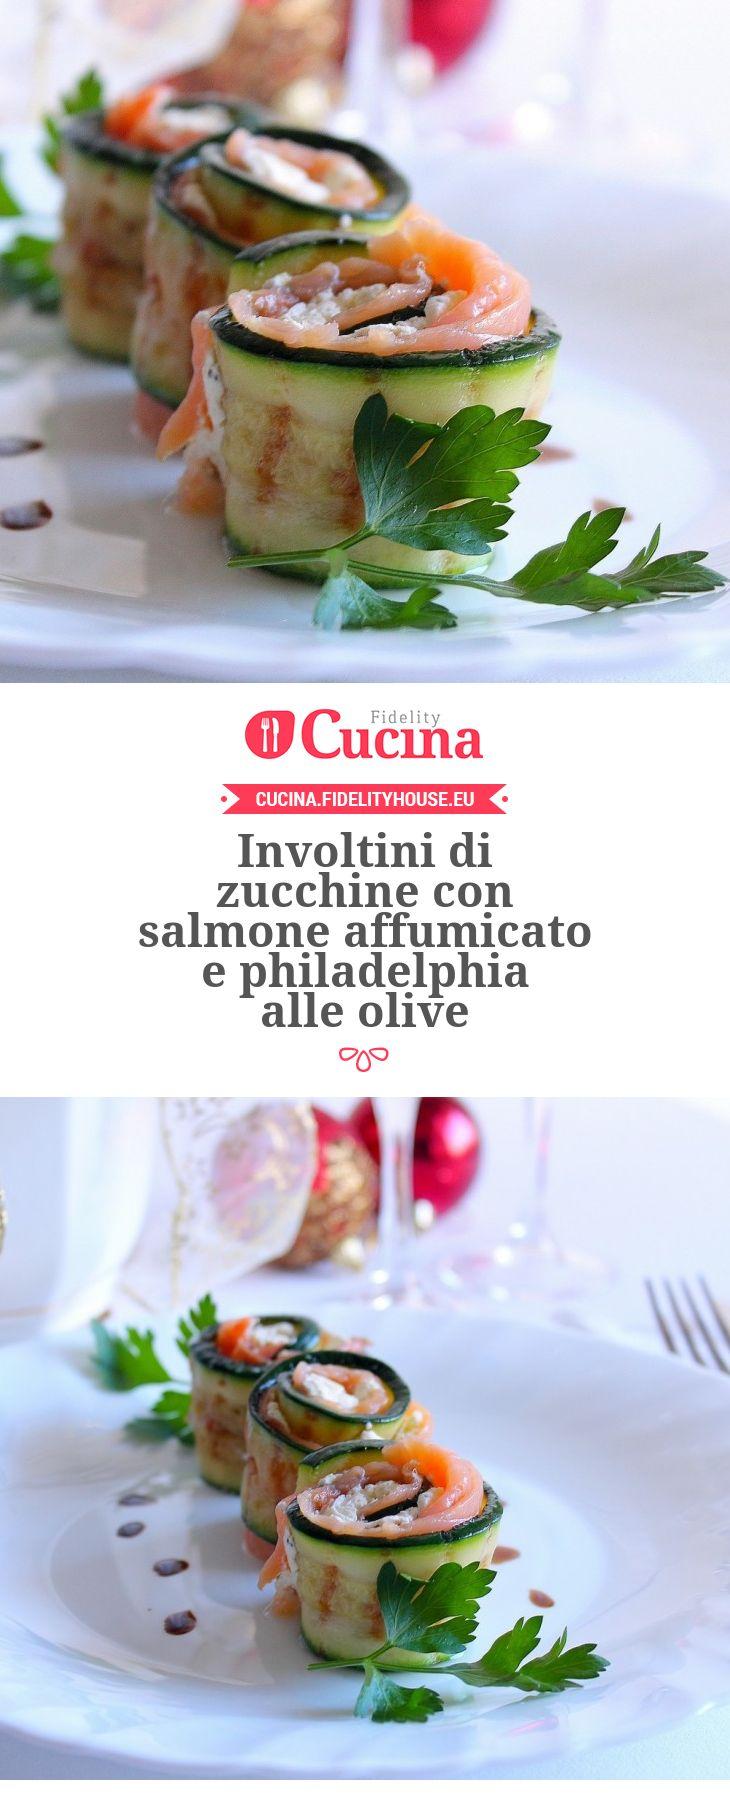 Involtini di zucchine con salmone affumicato e philadelphia alle olive della nostra utente Giovanna. Unisciti alla nostra Community ed invia le tue ricette!